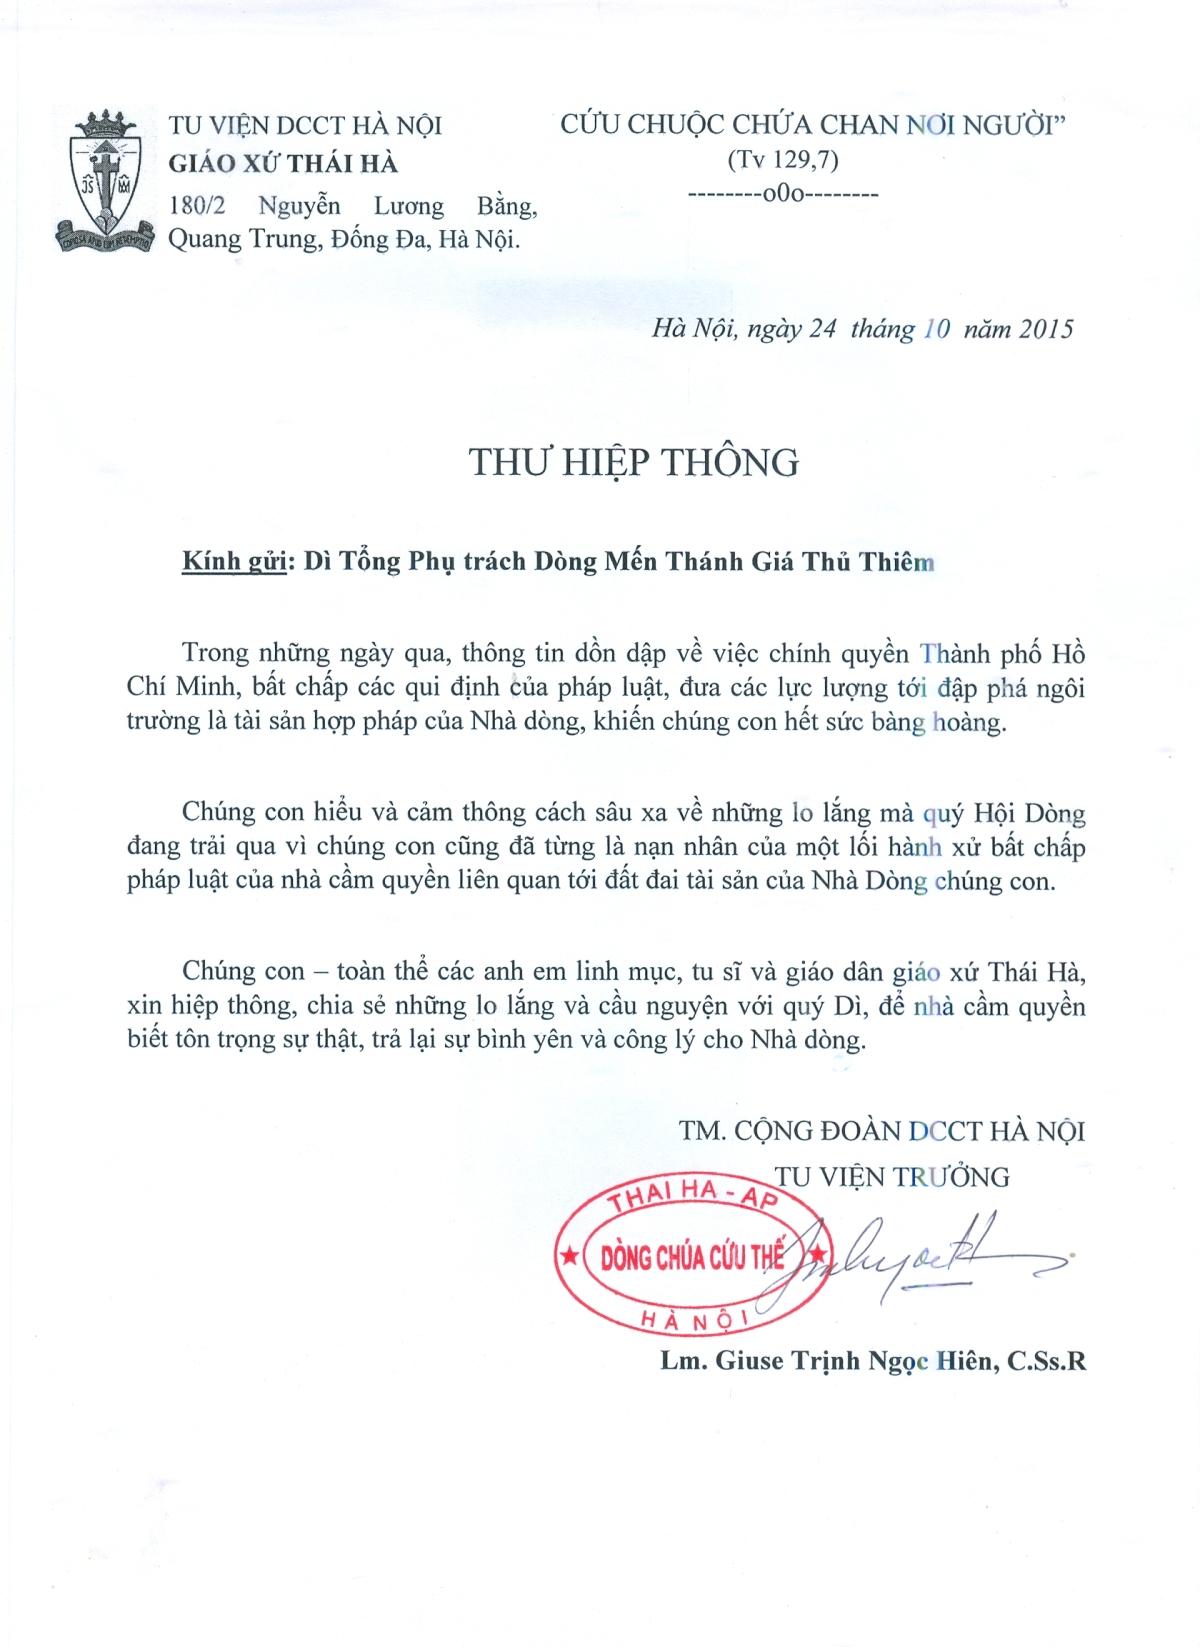 Giáo xứ Thái Hà gửi Thư Hiệp Thông tới Quý Dì Dòng Mến Thánh Giá Thủ Thiêm